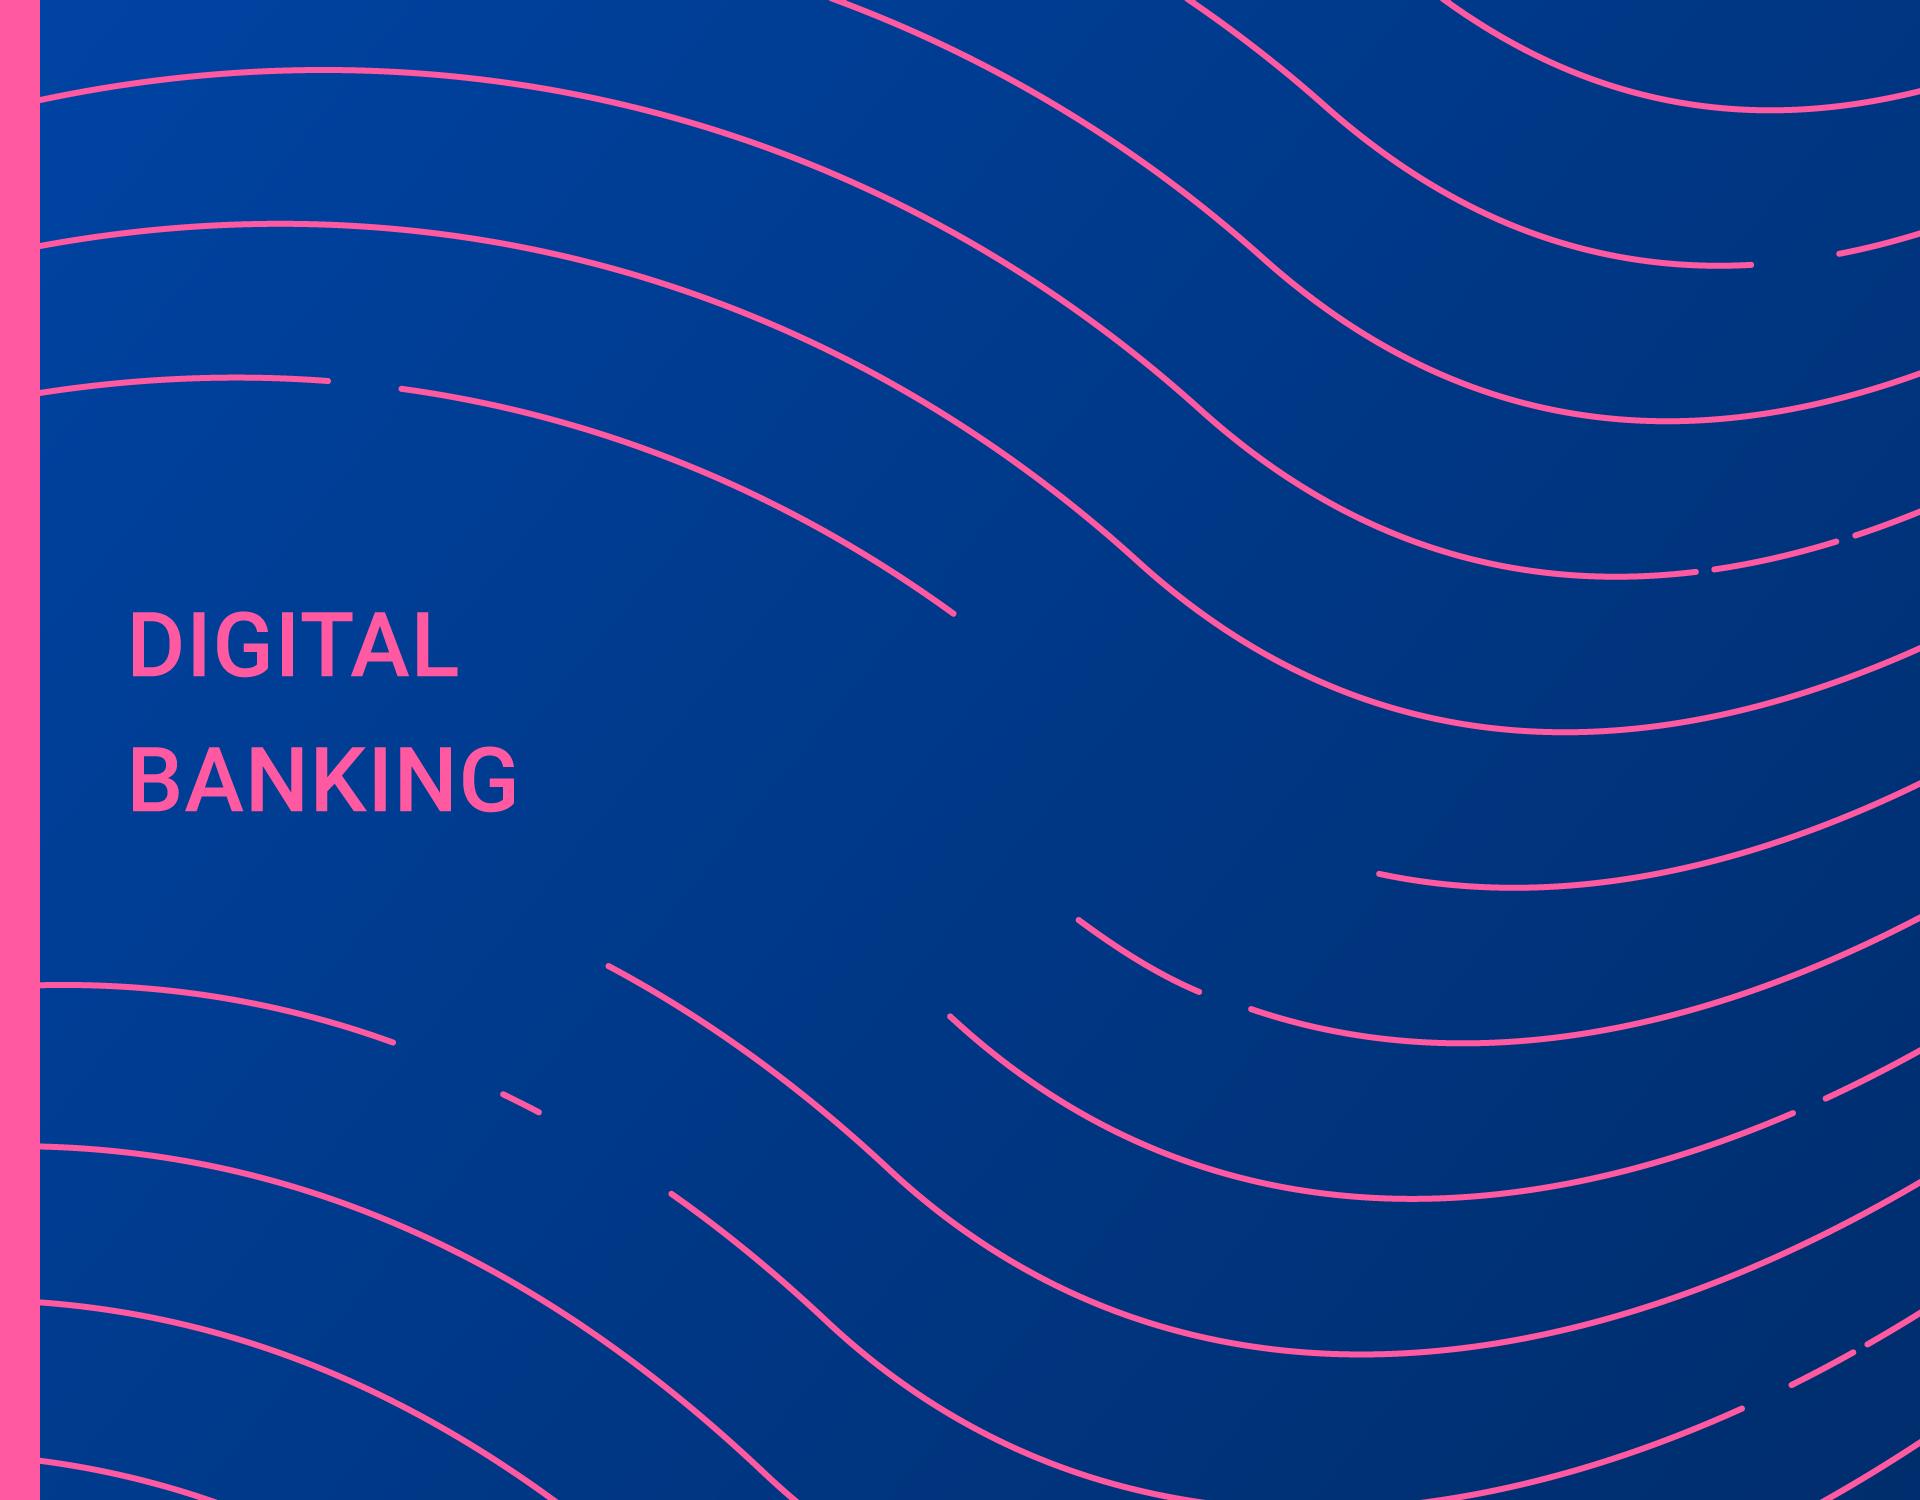 Rapporto Digital Banking 2020 - Mobile e Internet Banking allo specchio